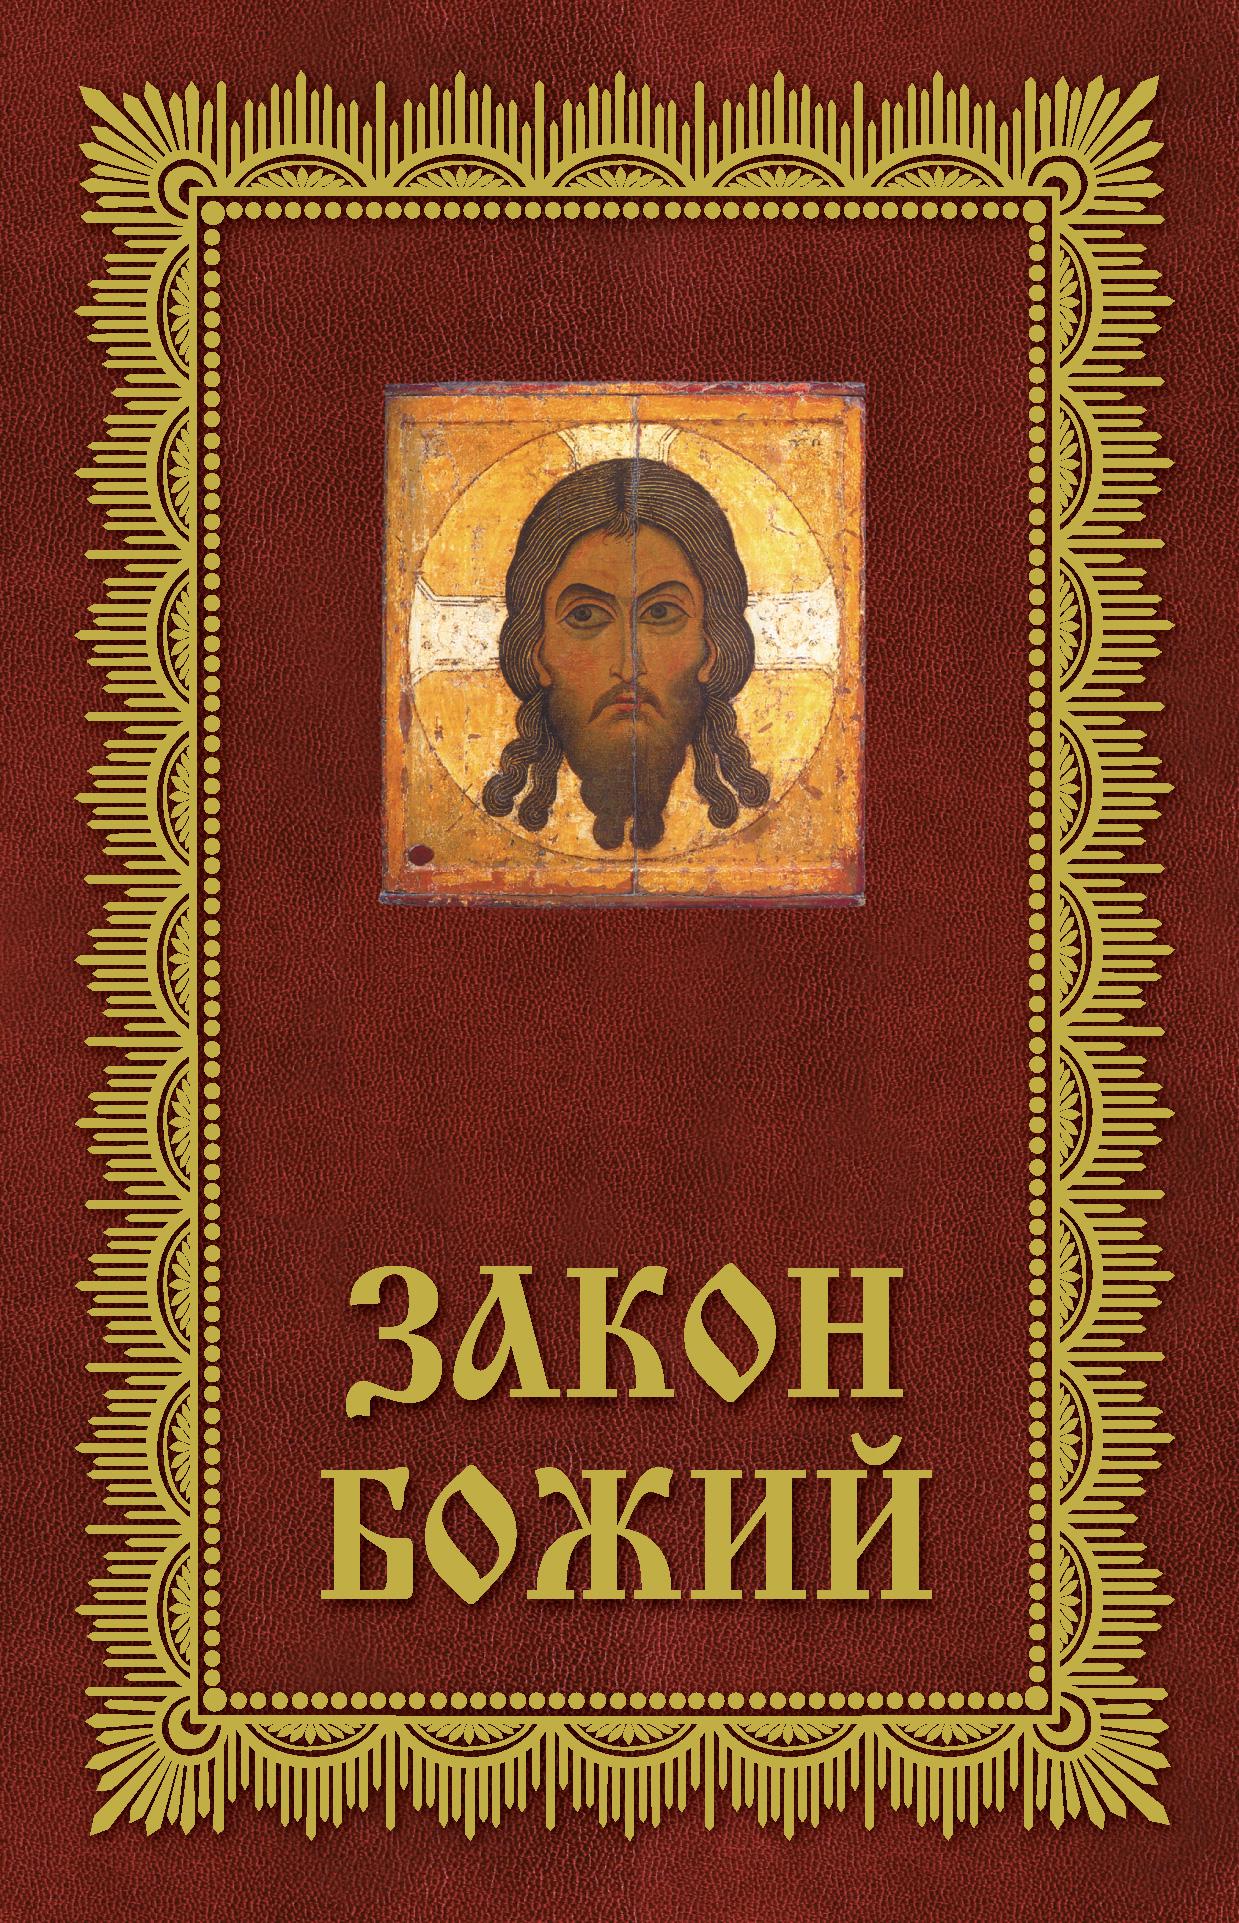 Закон Божий. Азбука православия